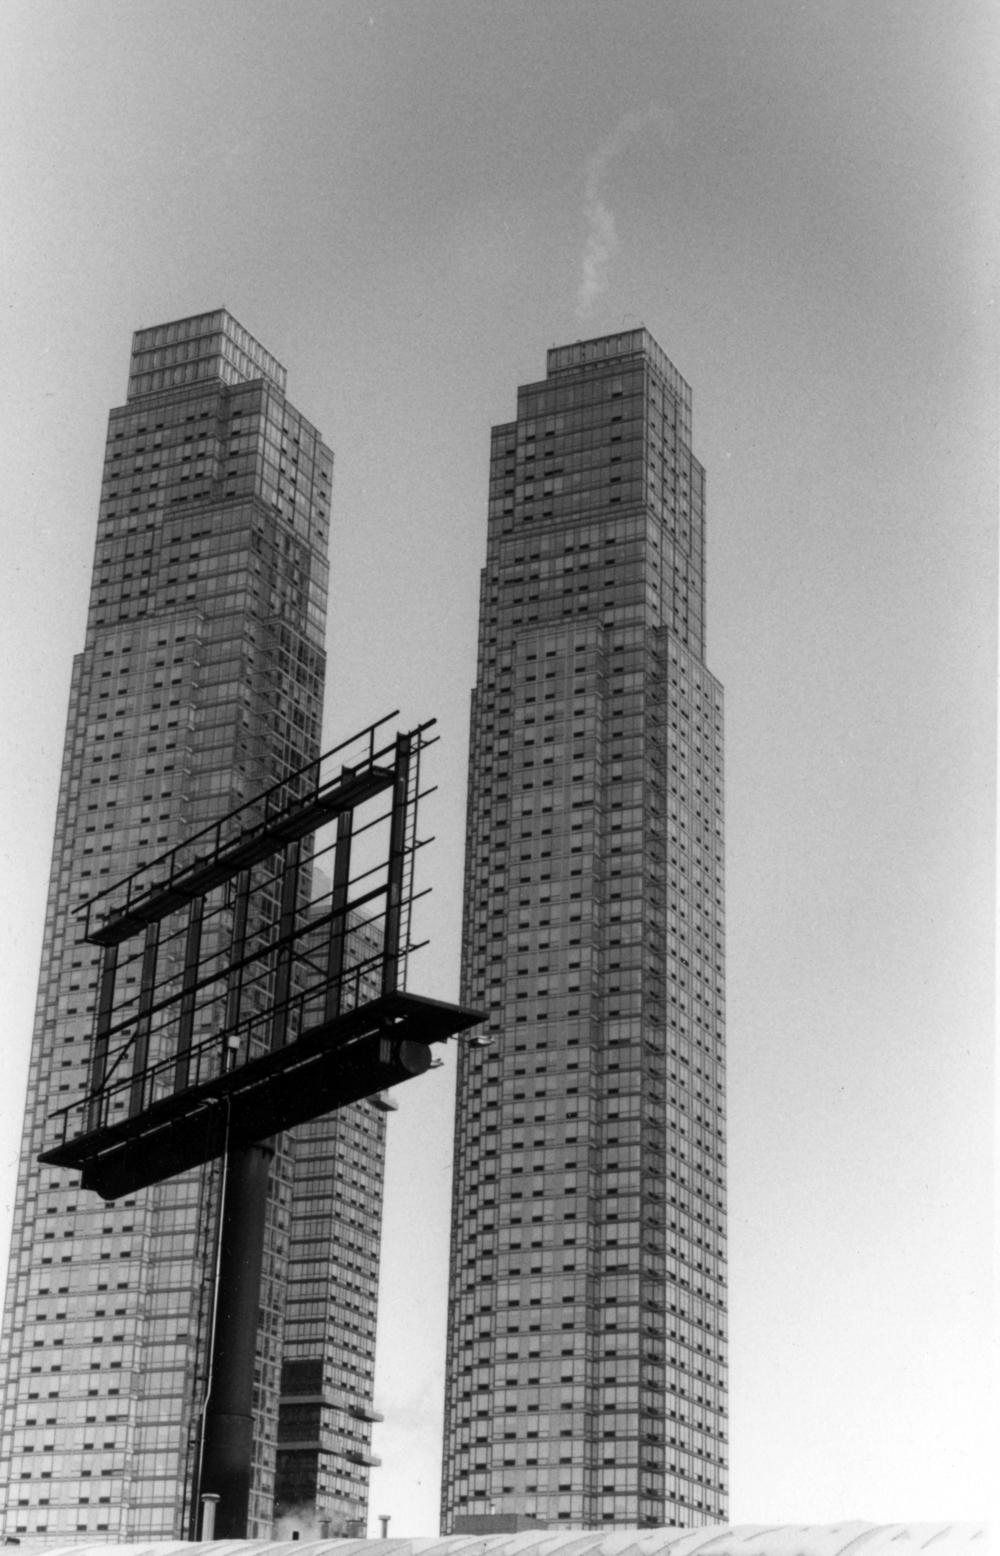 Two Towers & Skeletal Billboard, Westside, NY